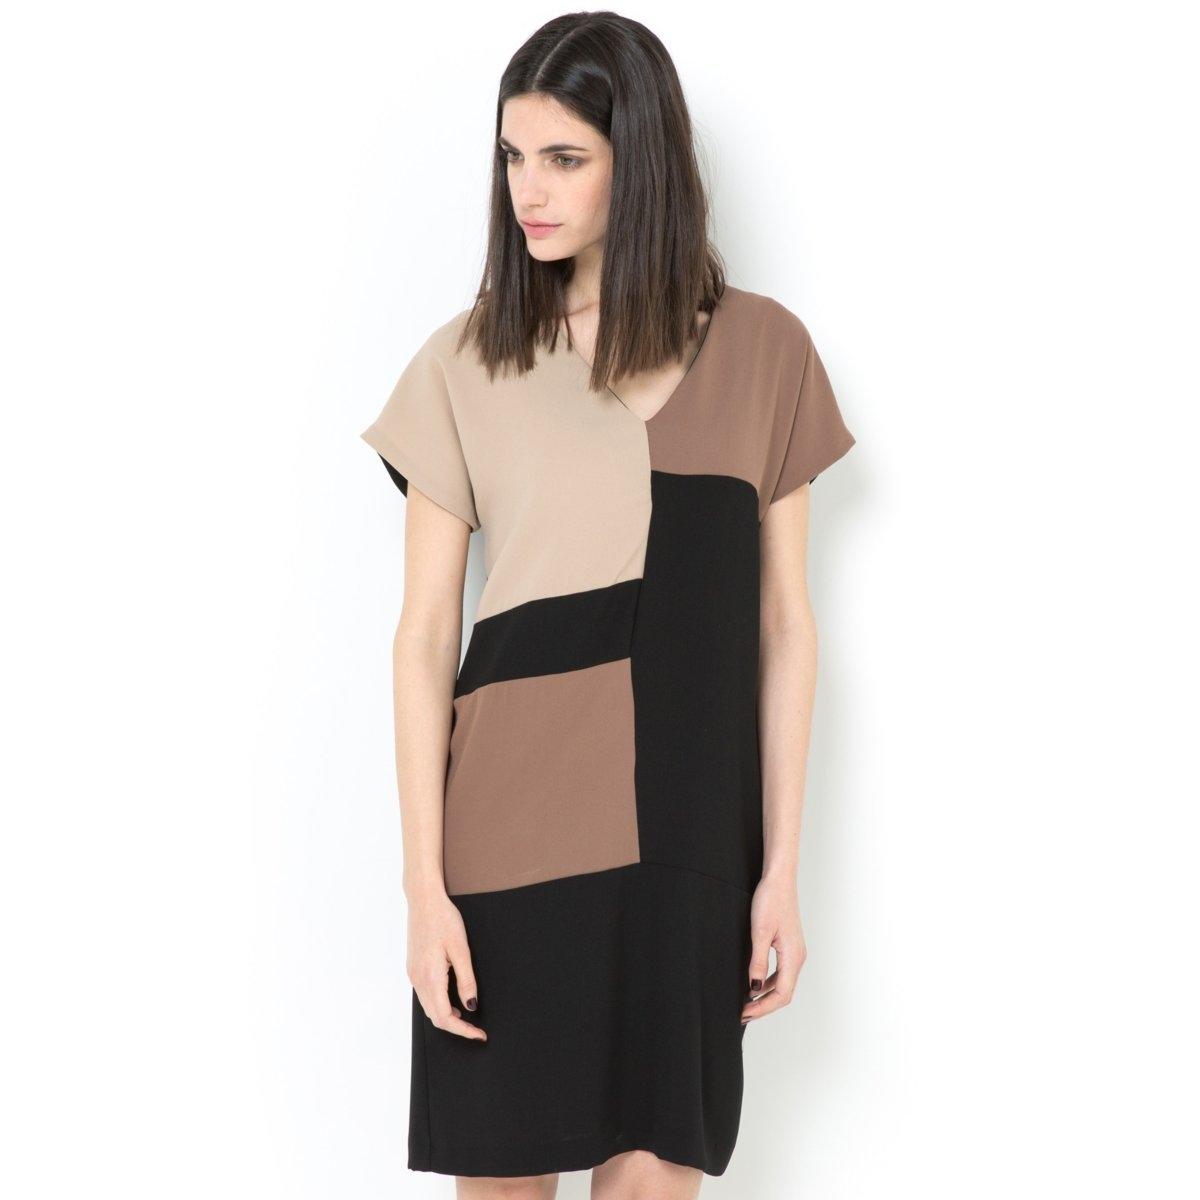 Платье-футляр с короткими рукавамиПлатье-футляр из крепа, 100% полиэстера, на подкладке из 100% полиэстера. Графичный рисунок. Короткие рукава. V-образный вырез. Длина 92 см.<br><br>Цвет: разноцветный